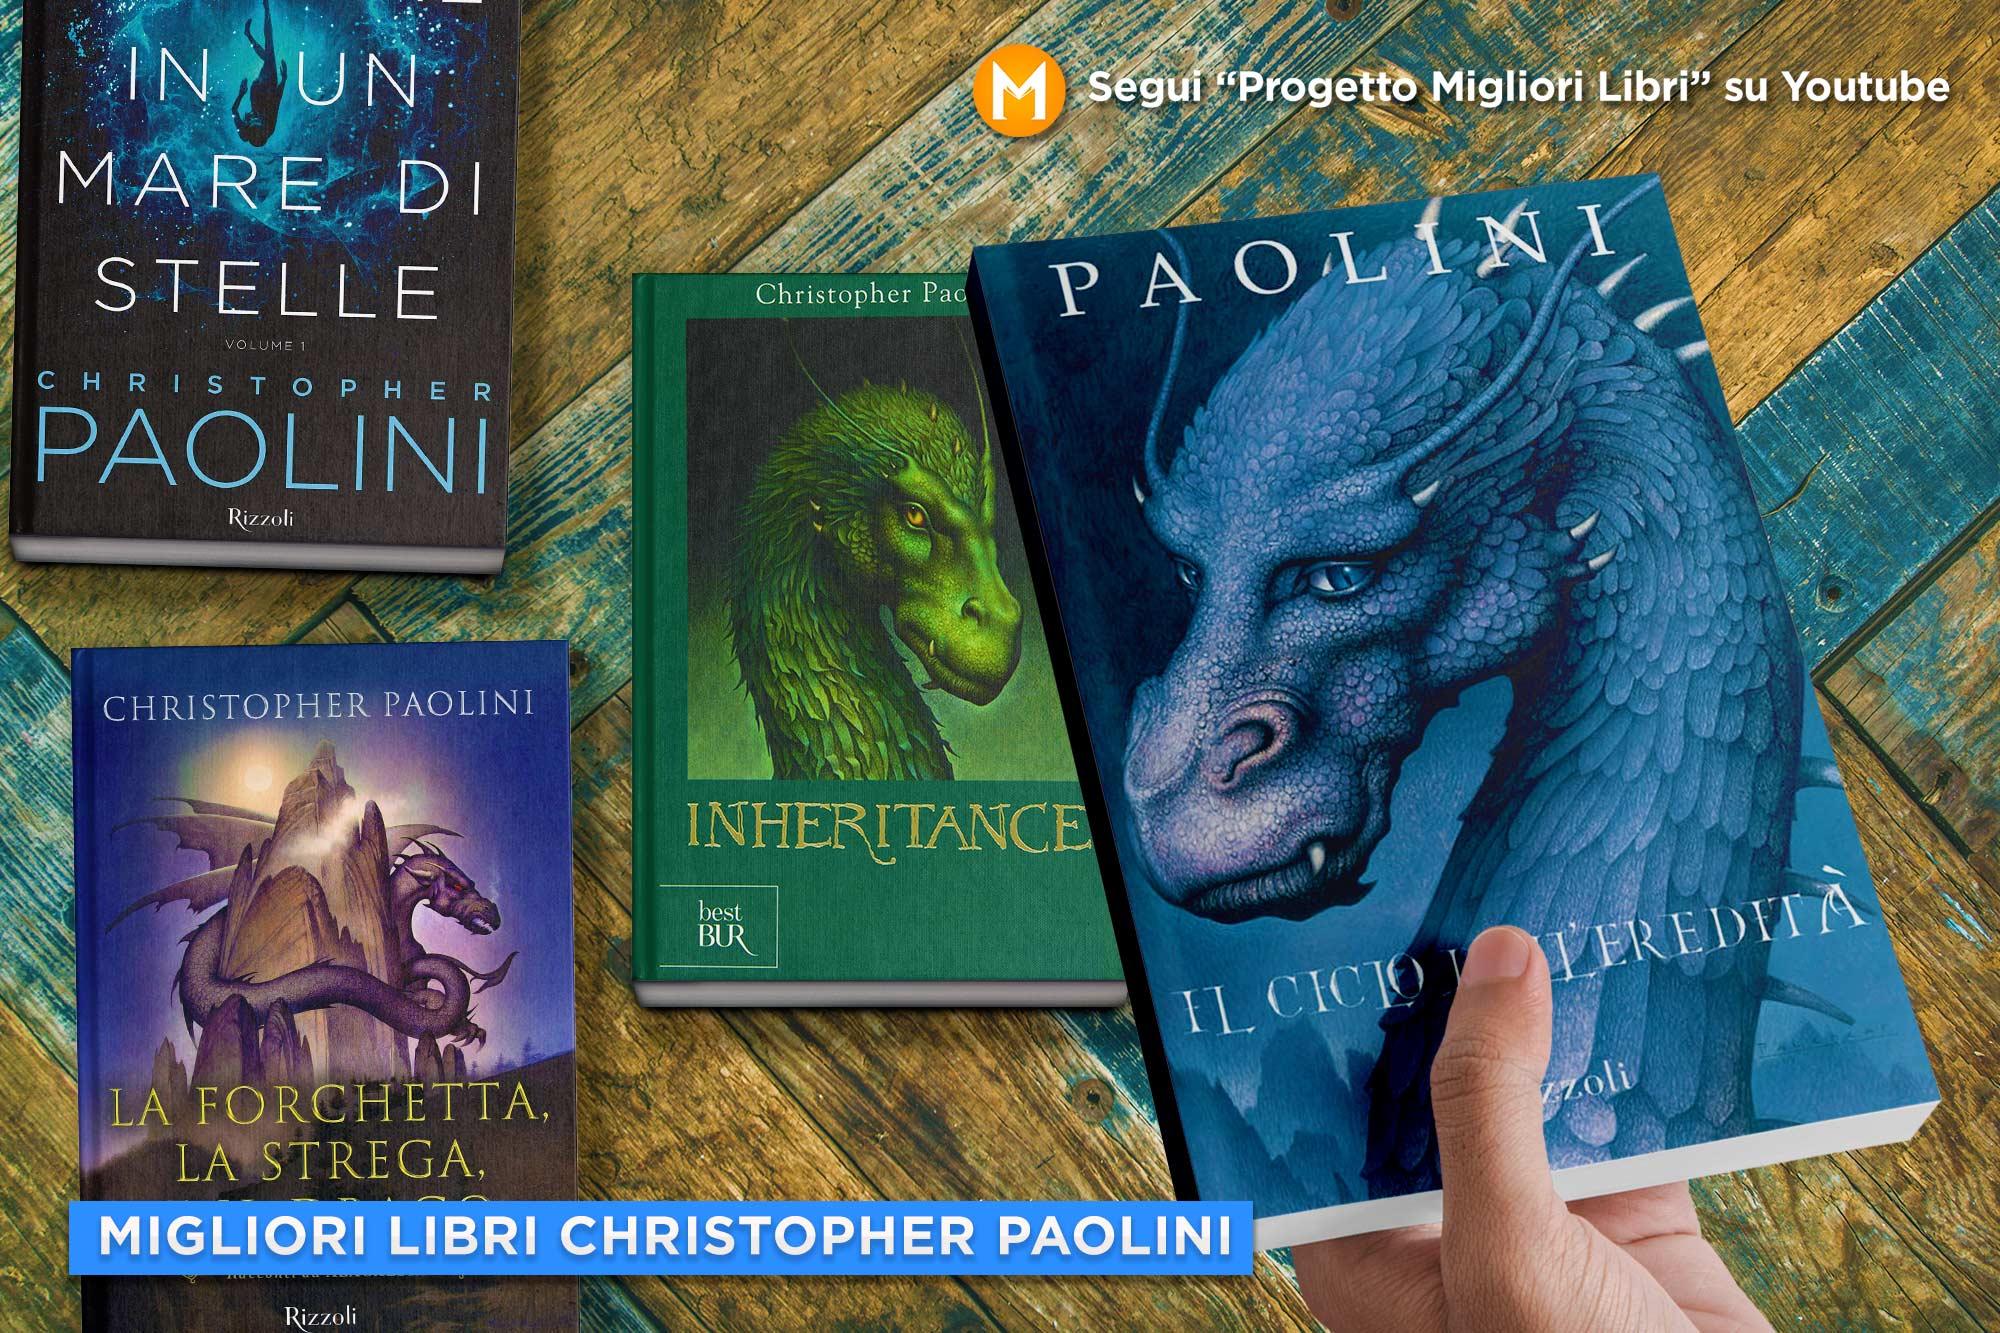 migliori-libri-christopher-paolini